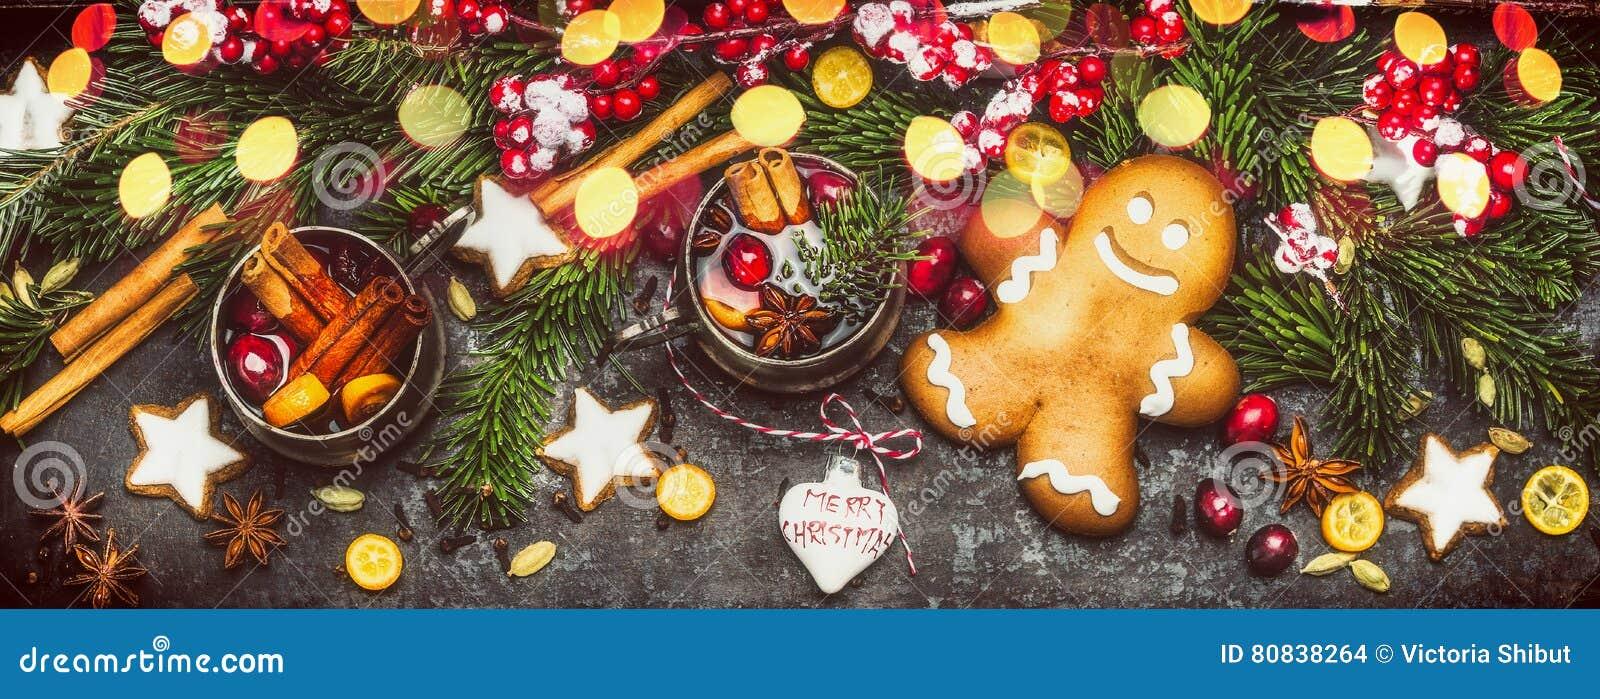 Bożenarodzeniowy sztandar z Piernikowym mężczyzna, ciastka, rozmyślał wino, wakacyjne dekoracje, jodeł gałąź i świątecznego bokeh